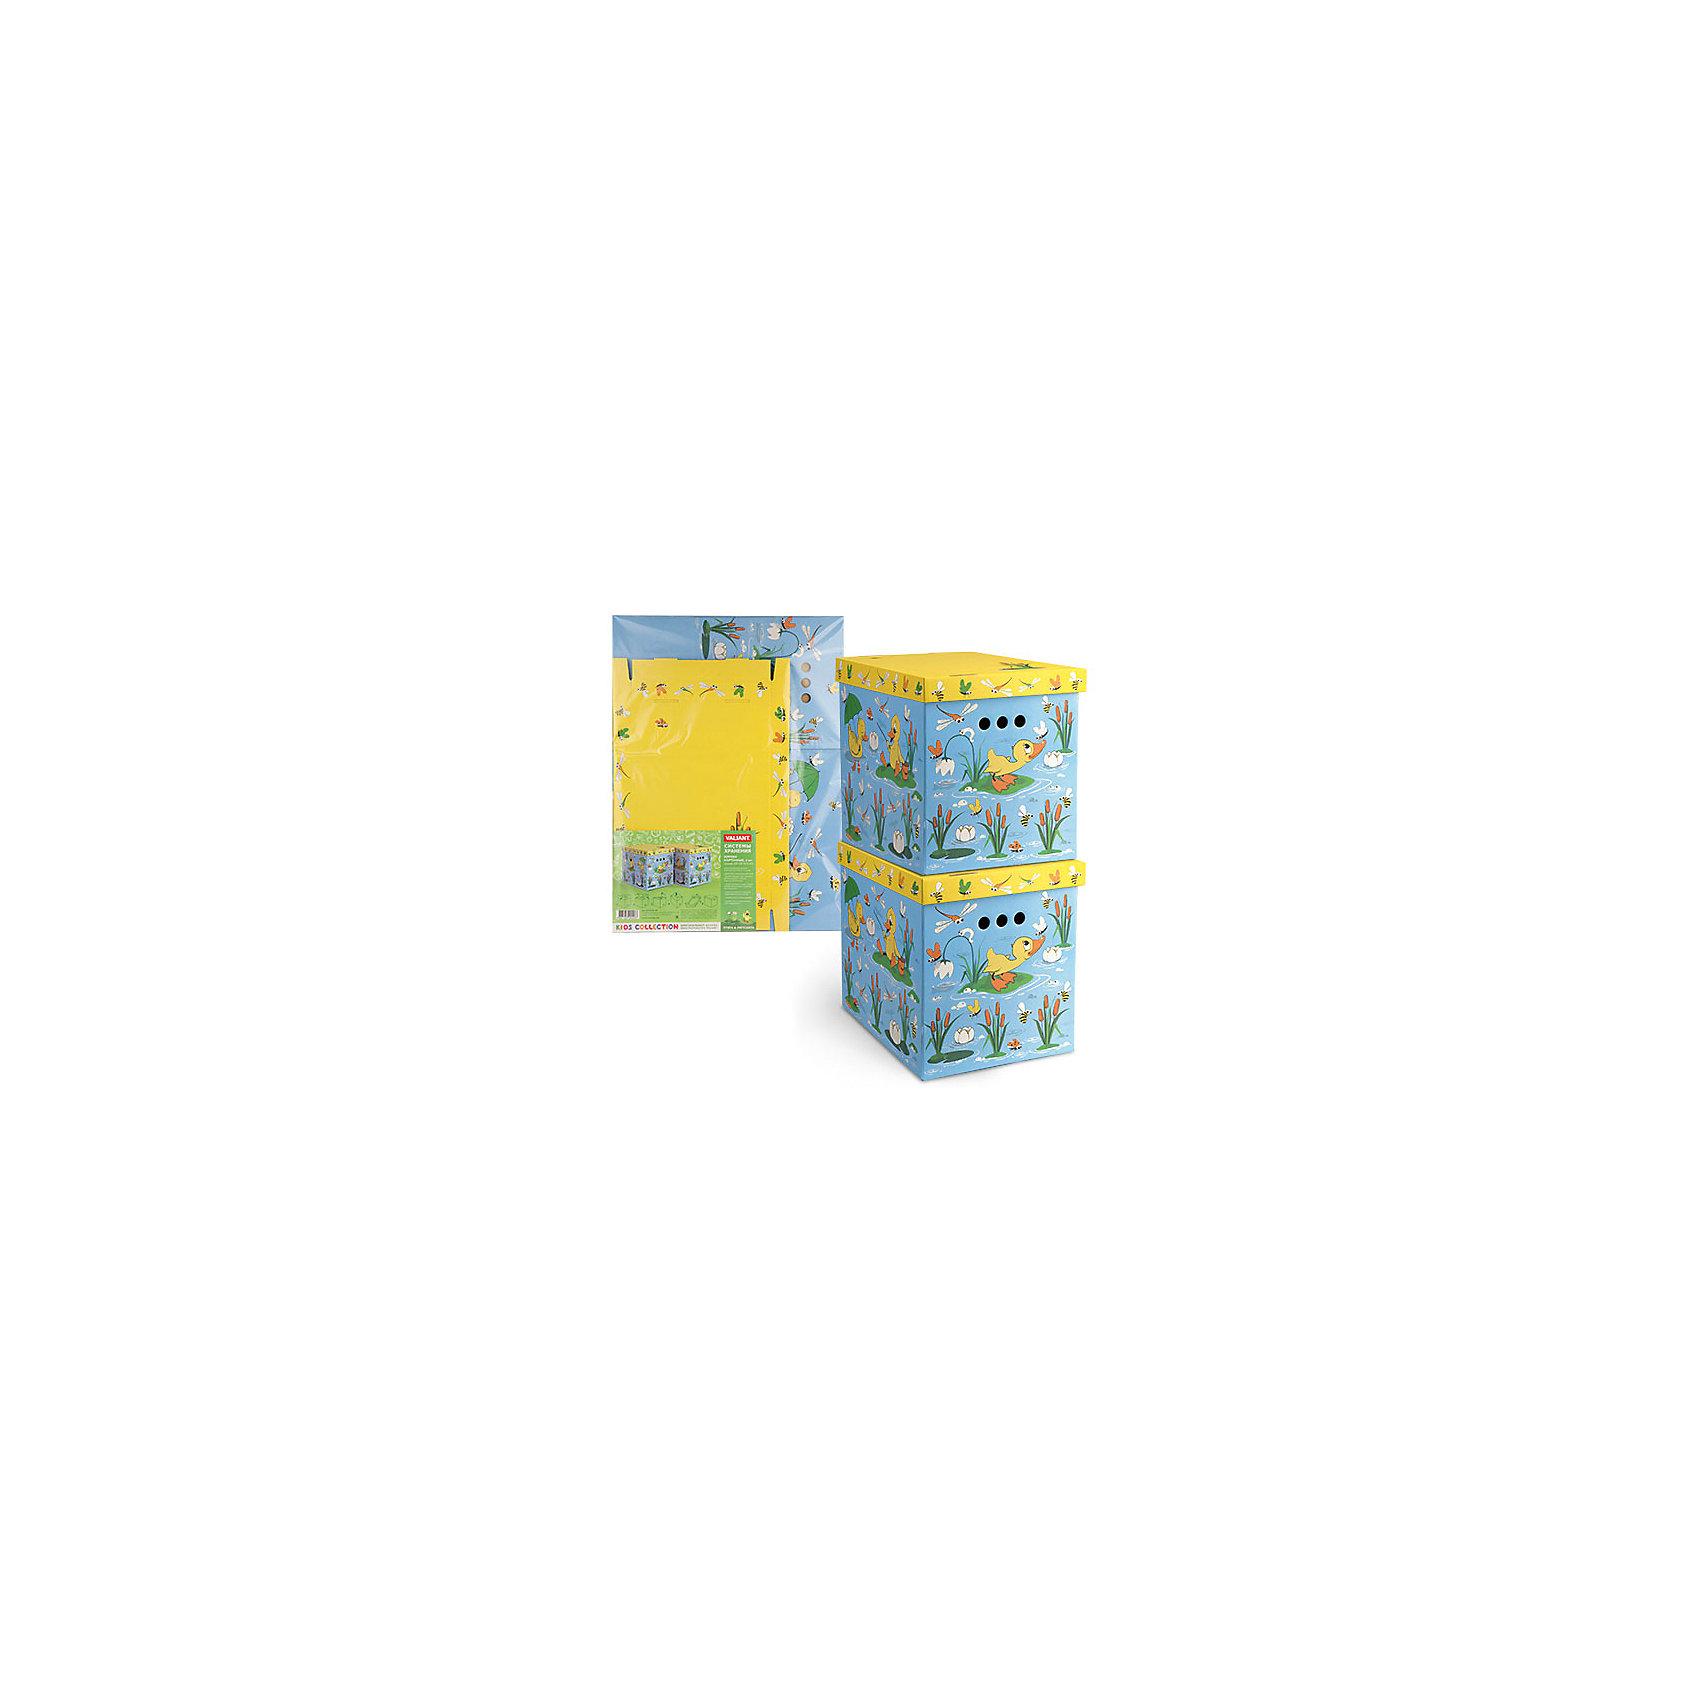 VALIANT Короб картонный складной Утята-лягушата, 2 шт, большой купить экран короб в спб адреса